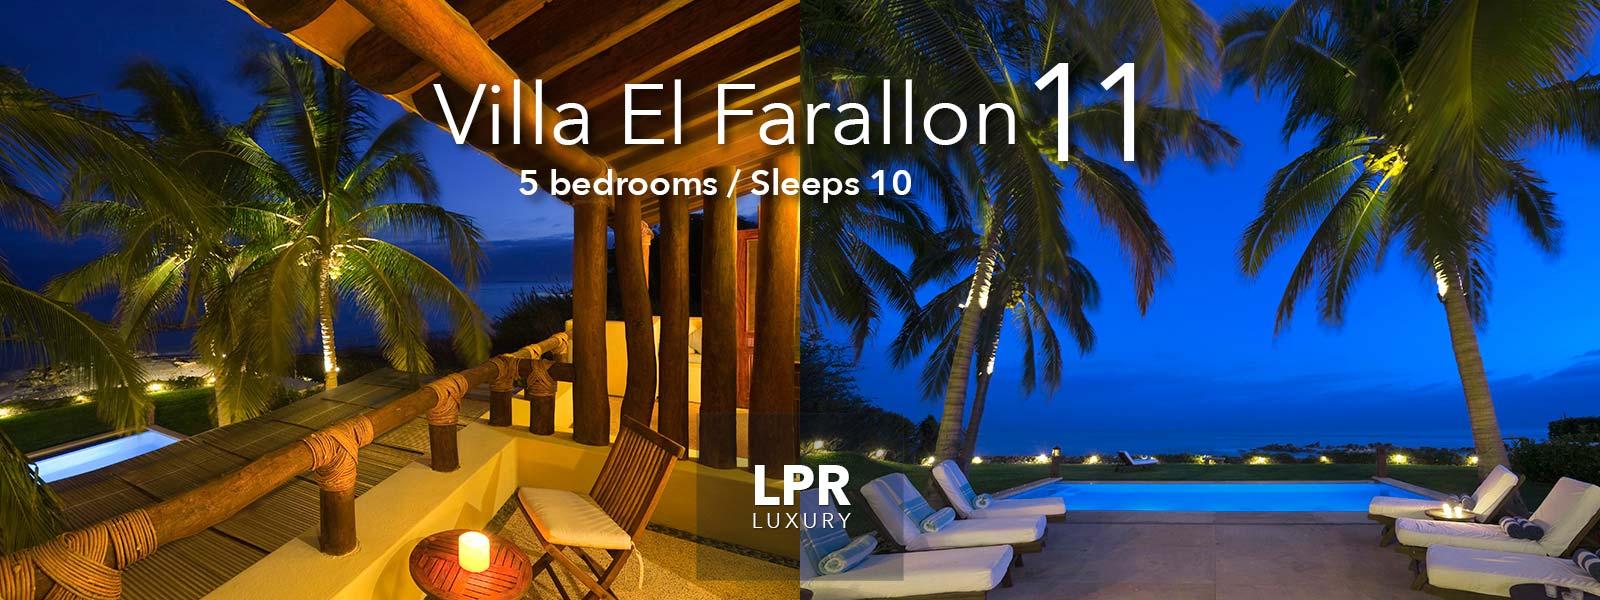 Villa El Farallon11 - Punta de Mita Real Estate - Puerto Vallarta - Mexico